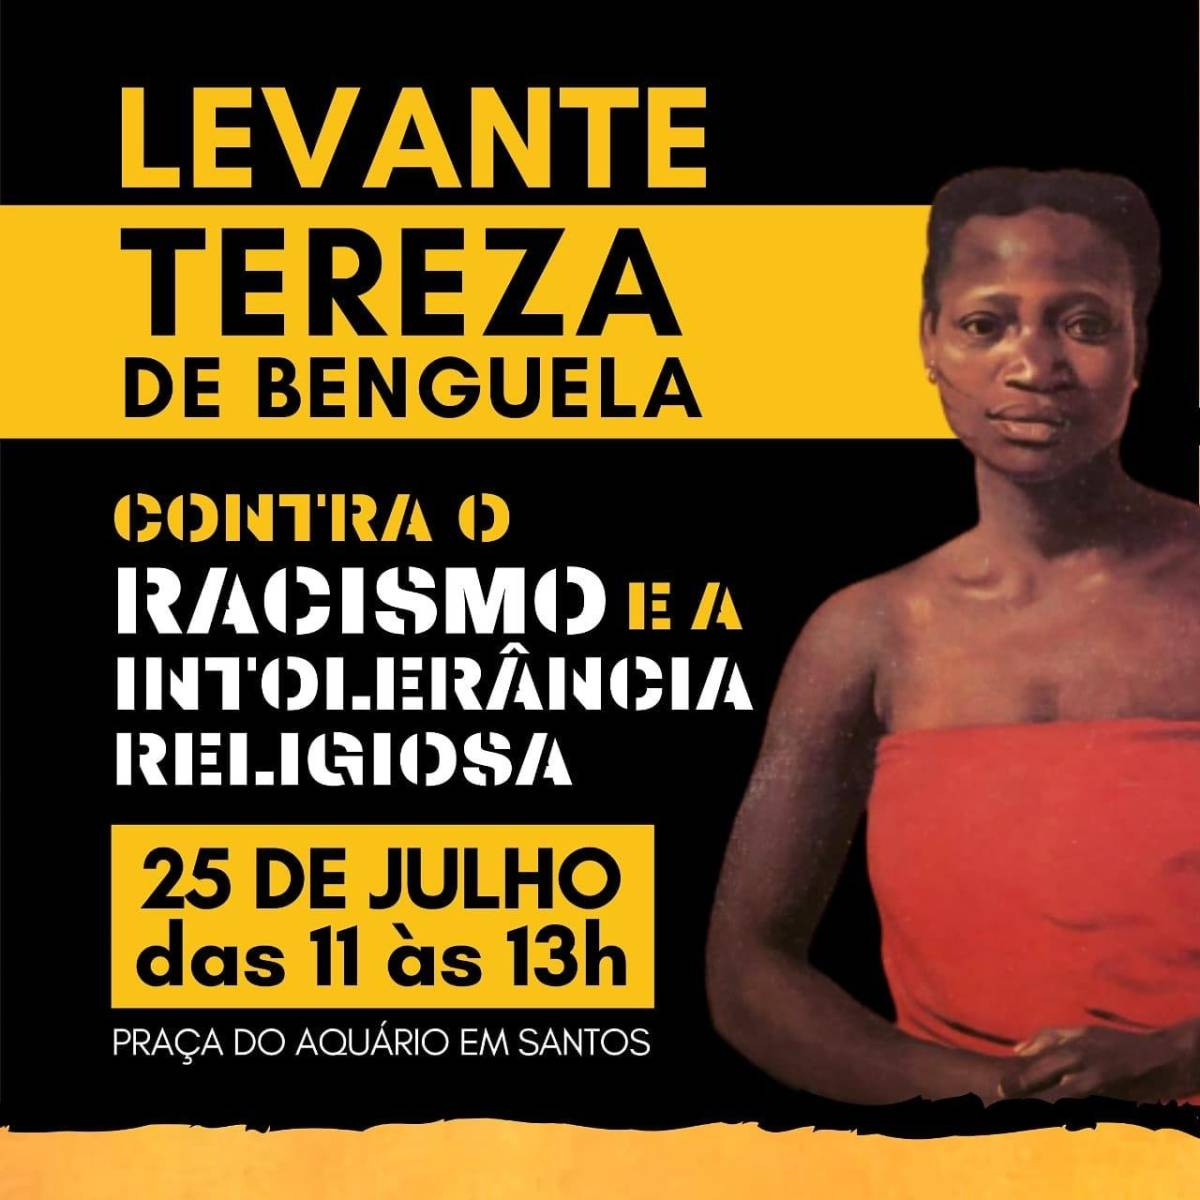 Levante Tereza de Benguela: Baixada Santista contra o Racismo e a Intolerância Religiosa